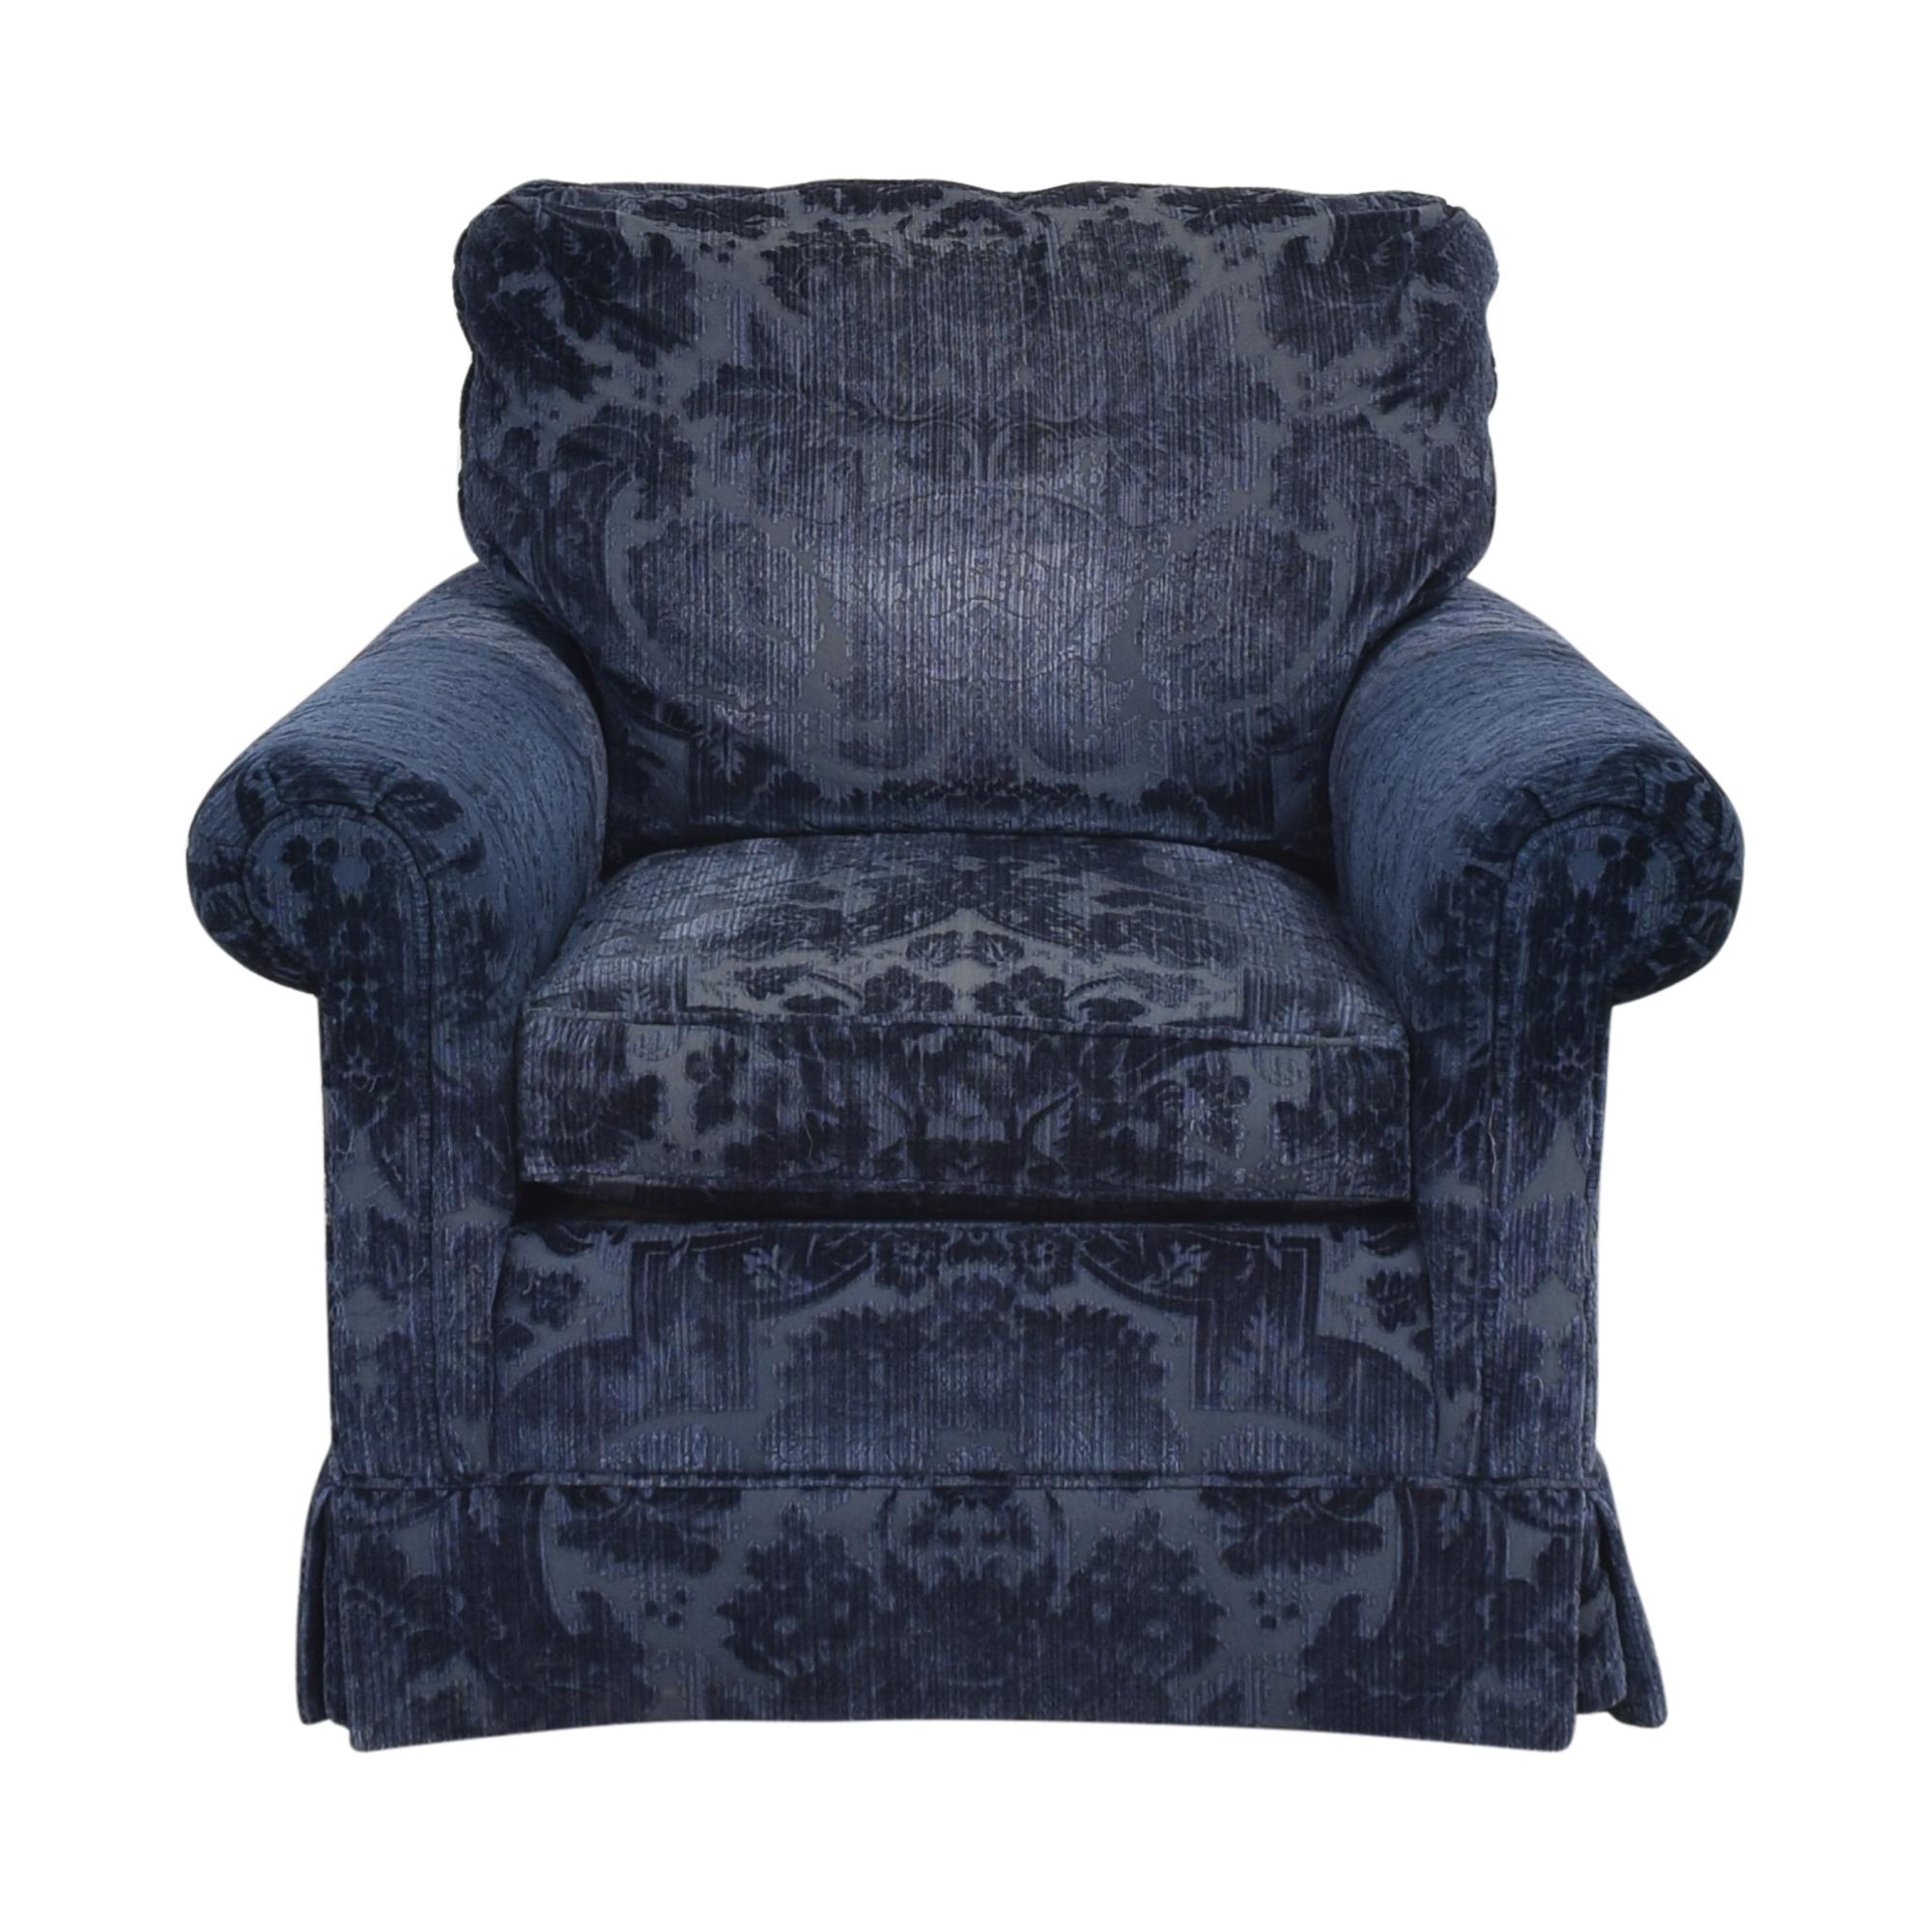 Ralph Lauren Home Ralph Lauren Home Roll Arm Accent Chair dark blue